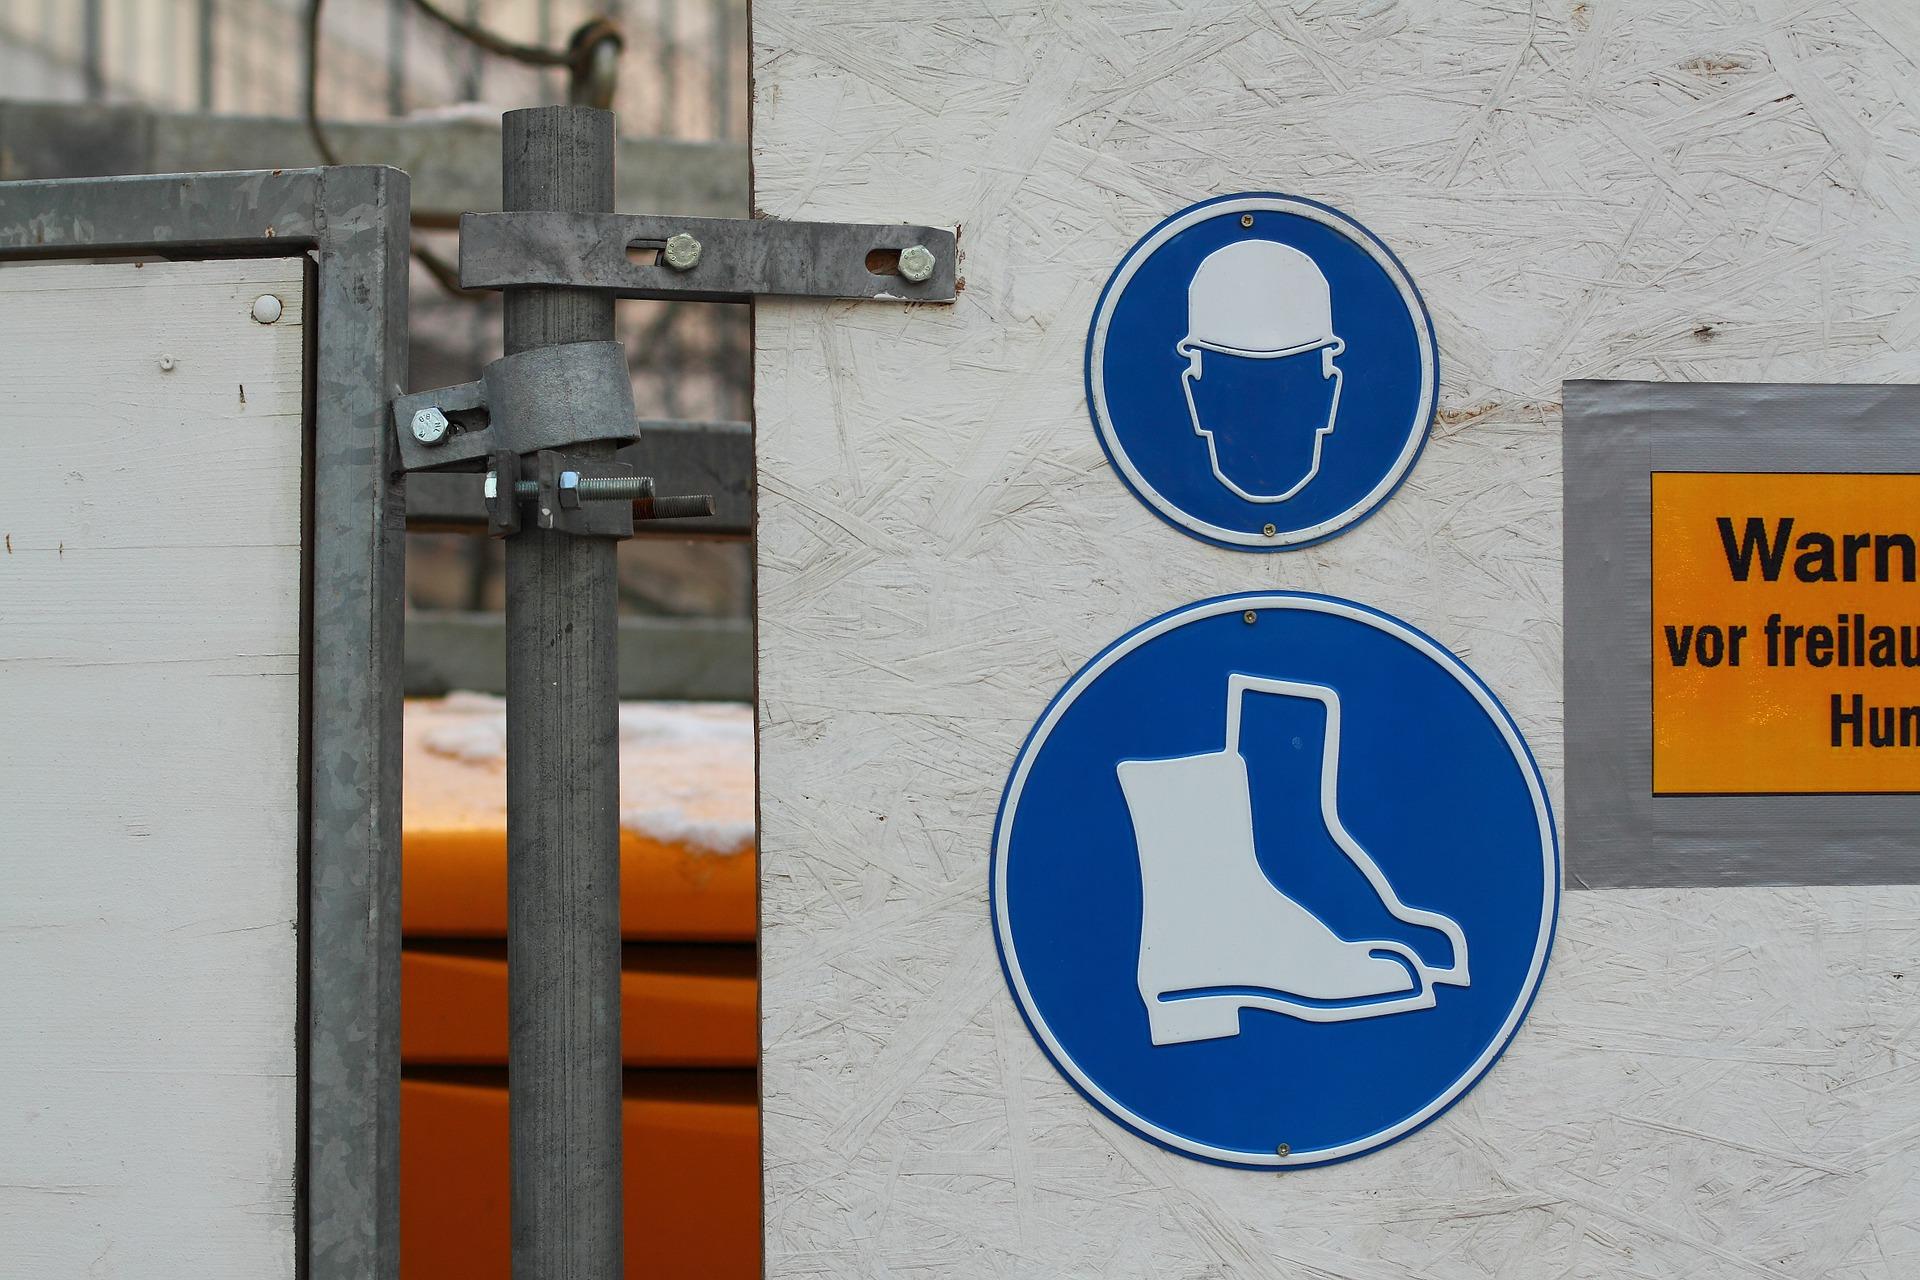 Die Bedeutung von Arbeitsschutzutensilien auf gutshausblog.de